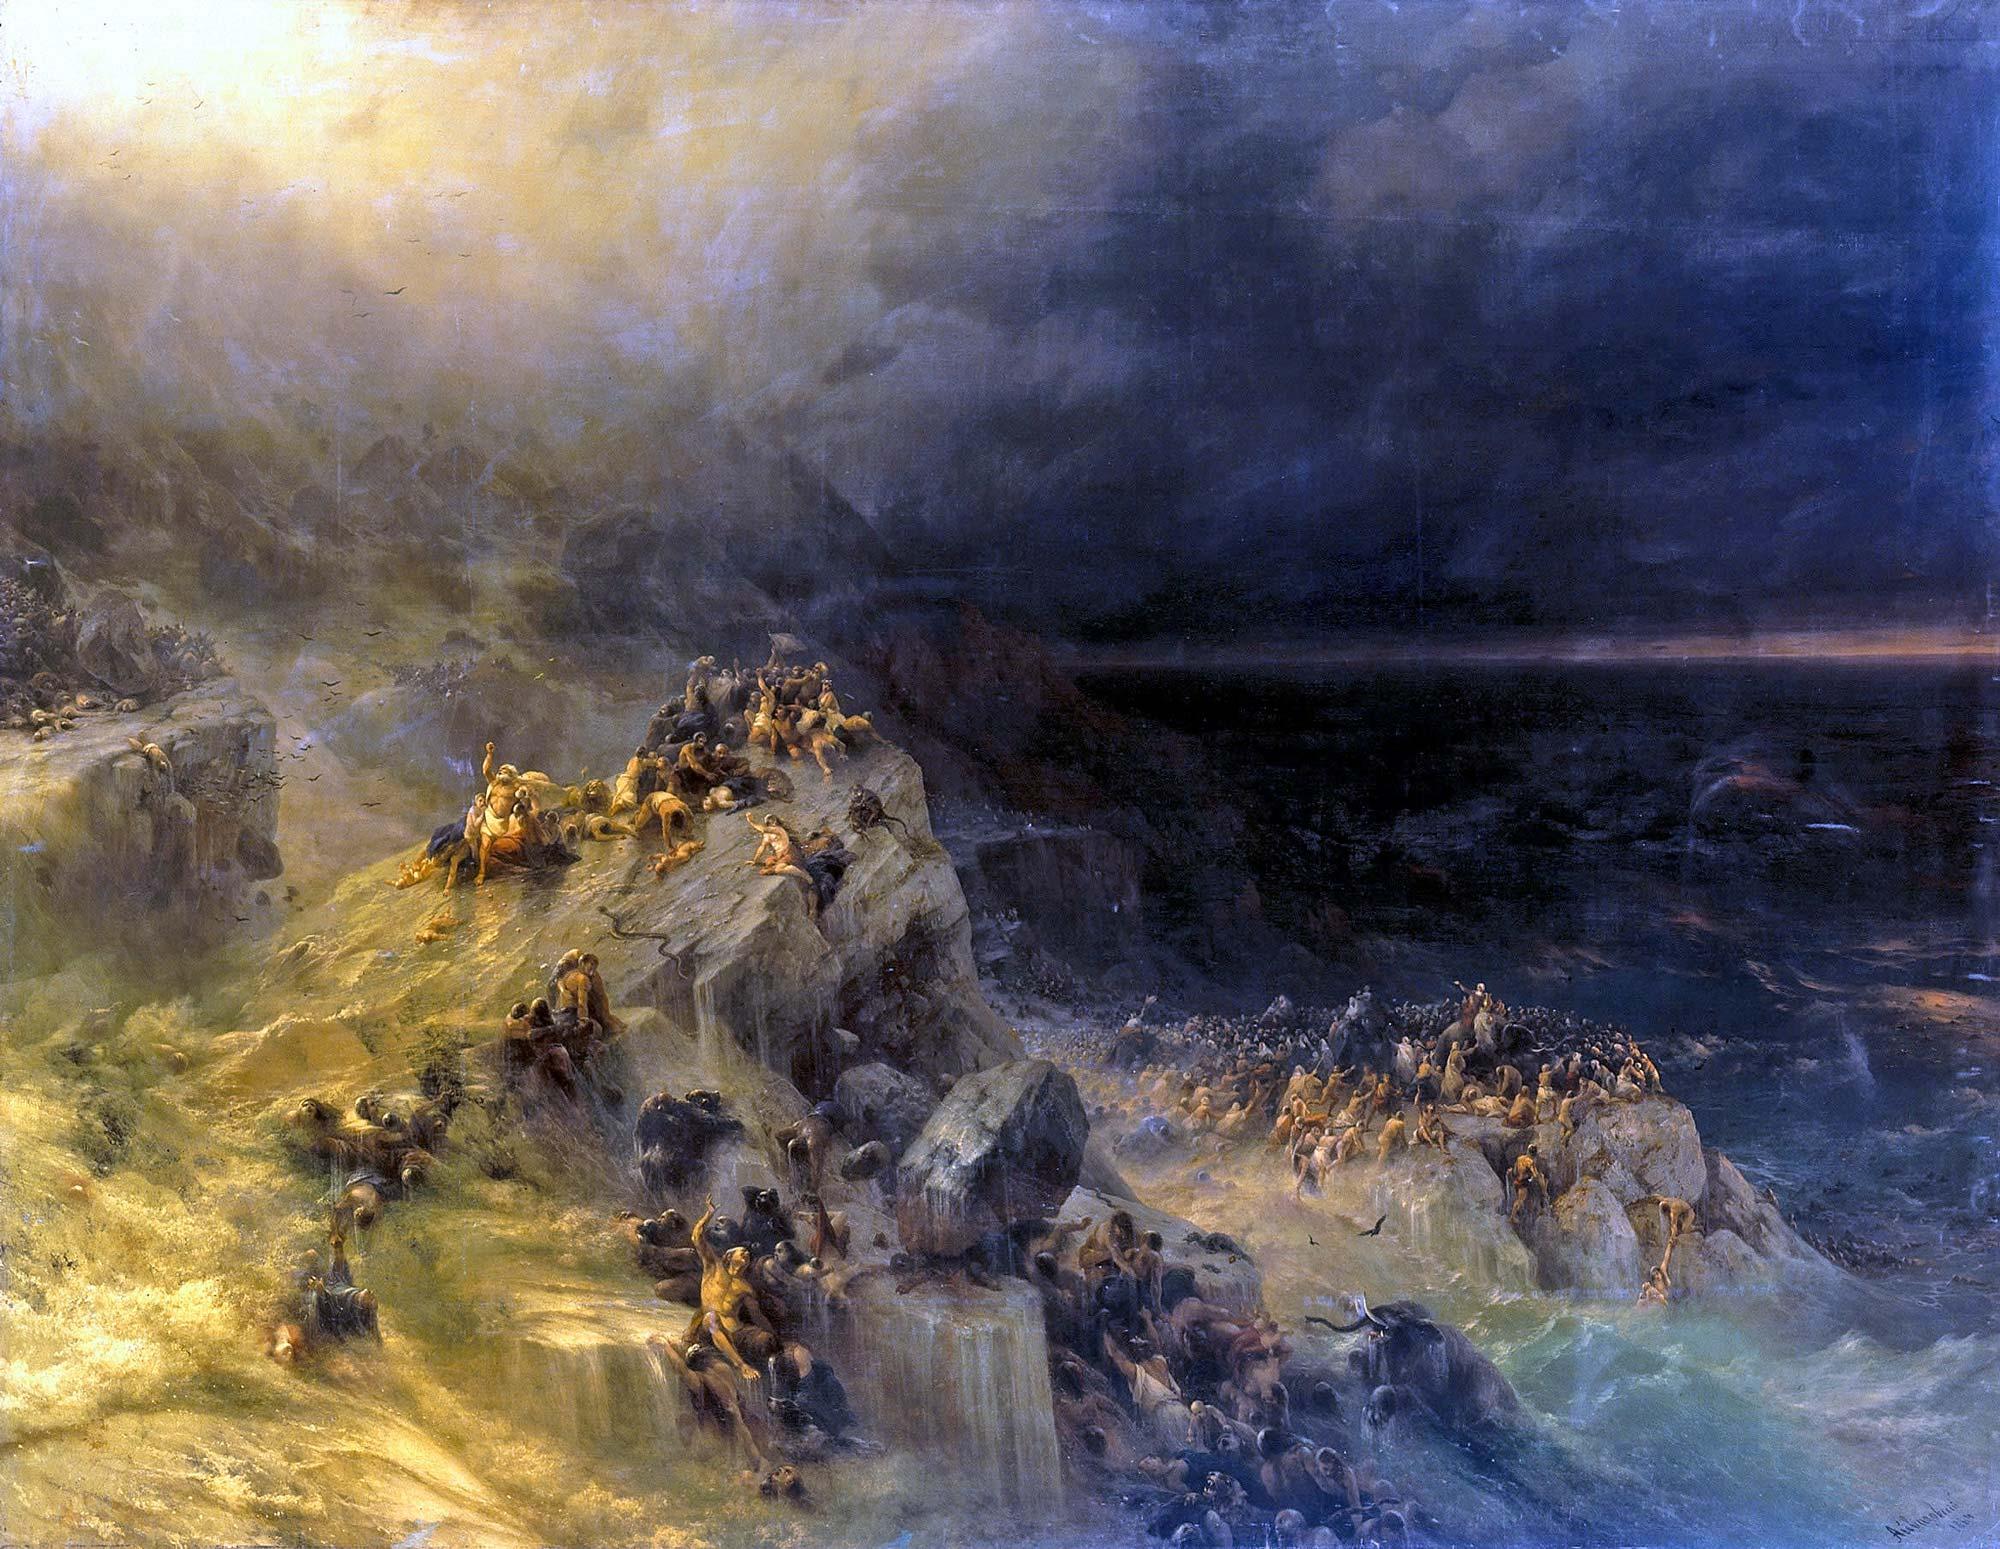 aivazovsky deluge - <b>Чому добро (не) перемагає зло.</b> Філософський експлейнер Заборони - Заборона